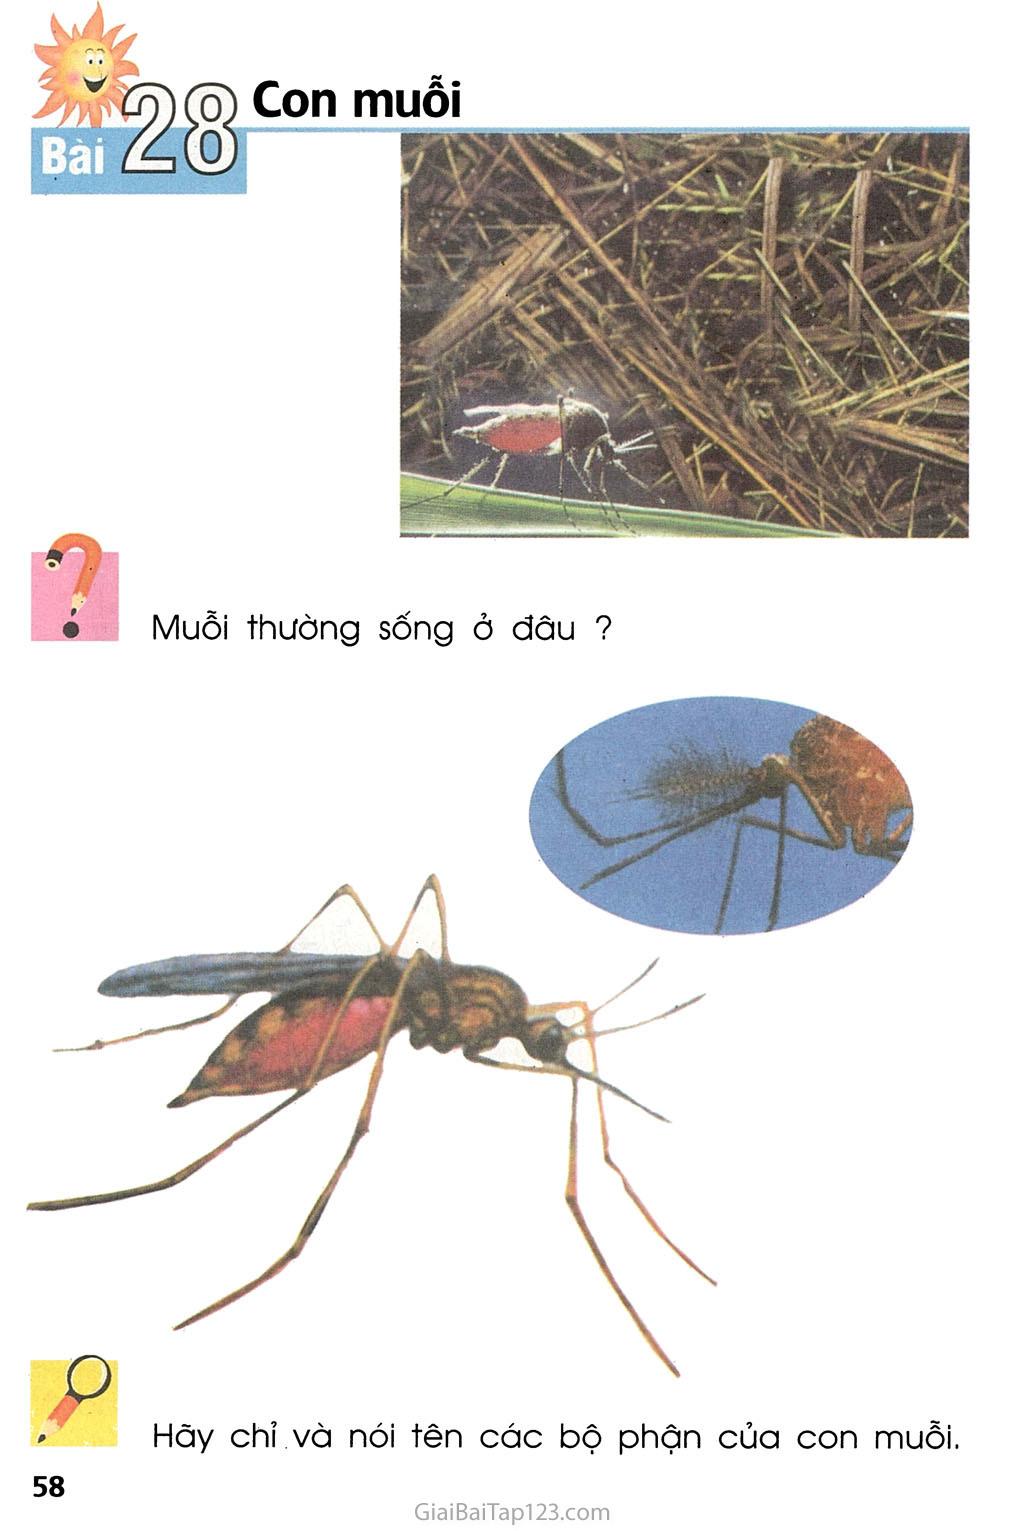 Bài 28. Con muỗi trang 1